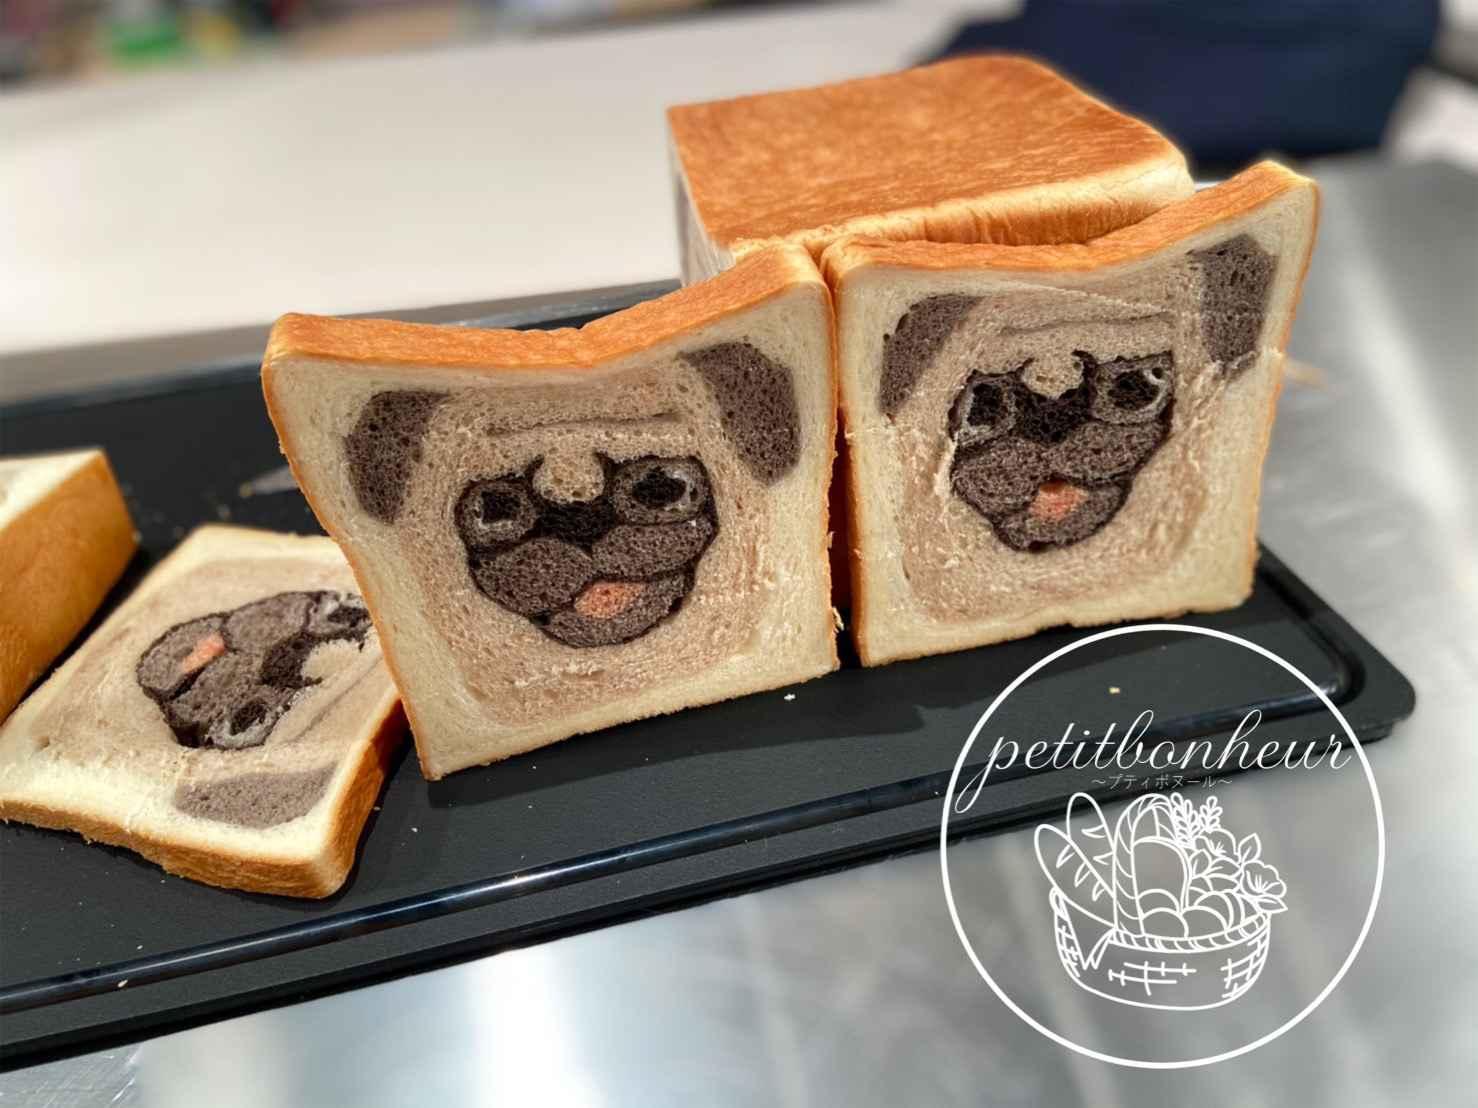 テレビに出た!パグゾウくんのパン&バスクチーズケーキを作ろう